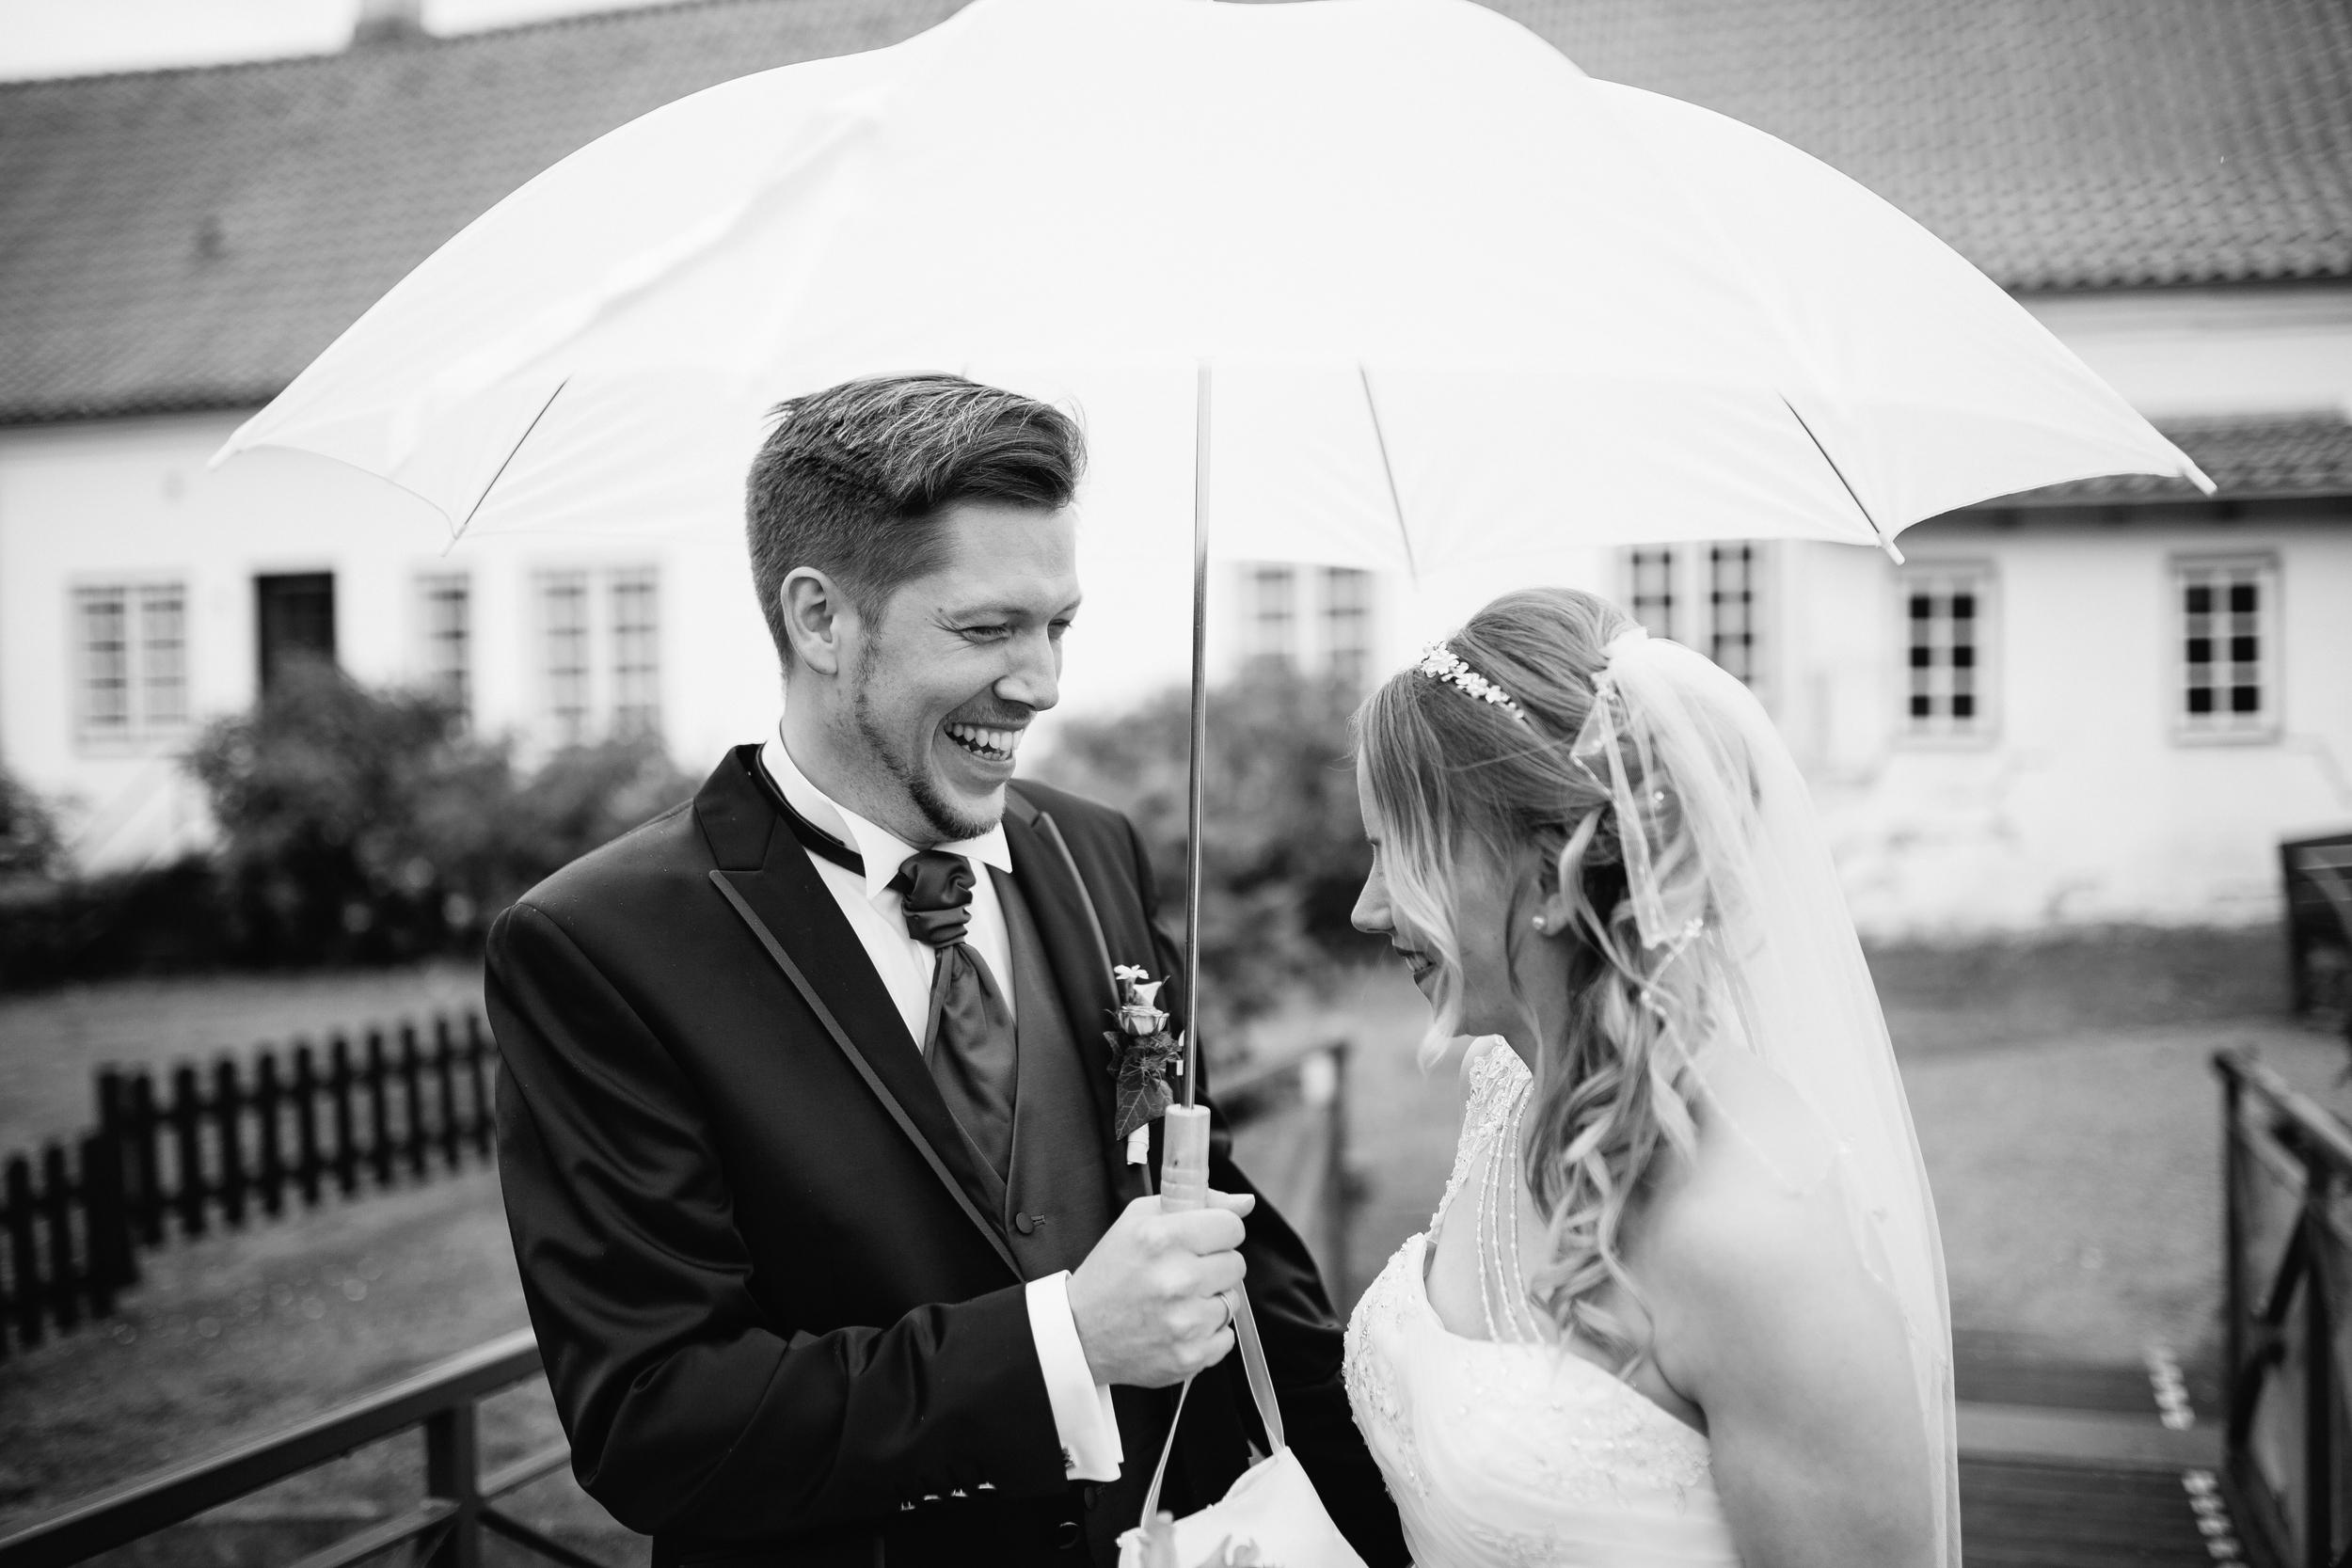 Wir sind MEHR als zufrieden! An unserem Hochzeitstag wurden wir nicht durch einen verspäteten Pastor überrascht sondern auch starke Regenshower haben uns etwas aus der Bahn geworfen. Wir hätten niemals gedacht das wir trotz des Regens so tolle Bilder zaubern! Liebsten Dank dir für deine wundervolle künstlerische Arbeit!